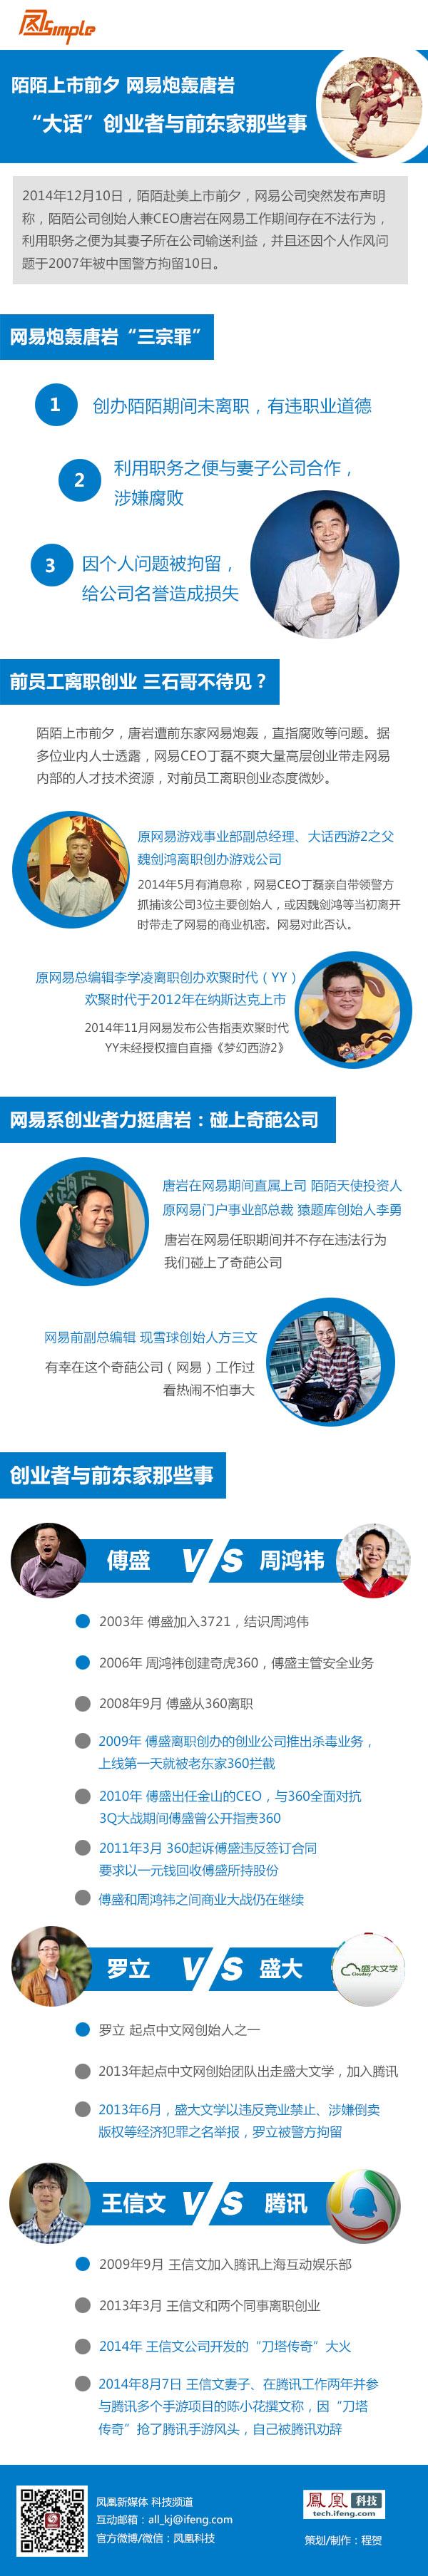 网易炮轰陌陌CEO唐岩